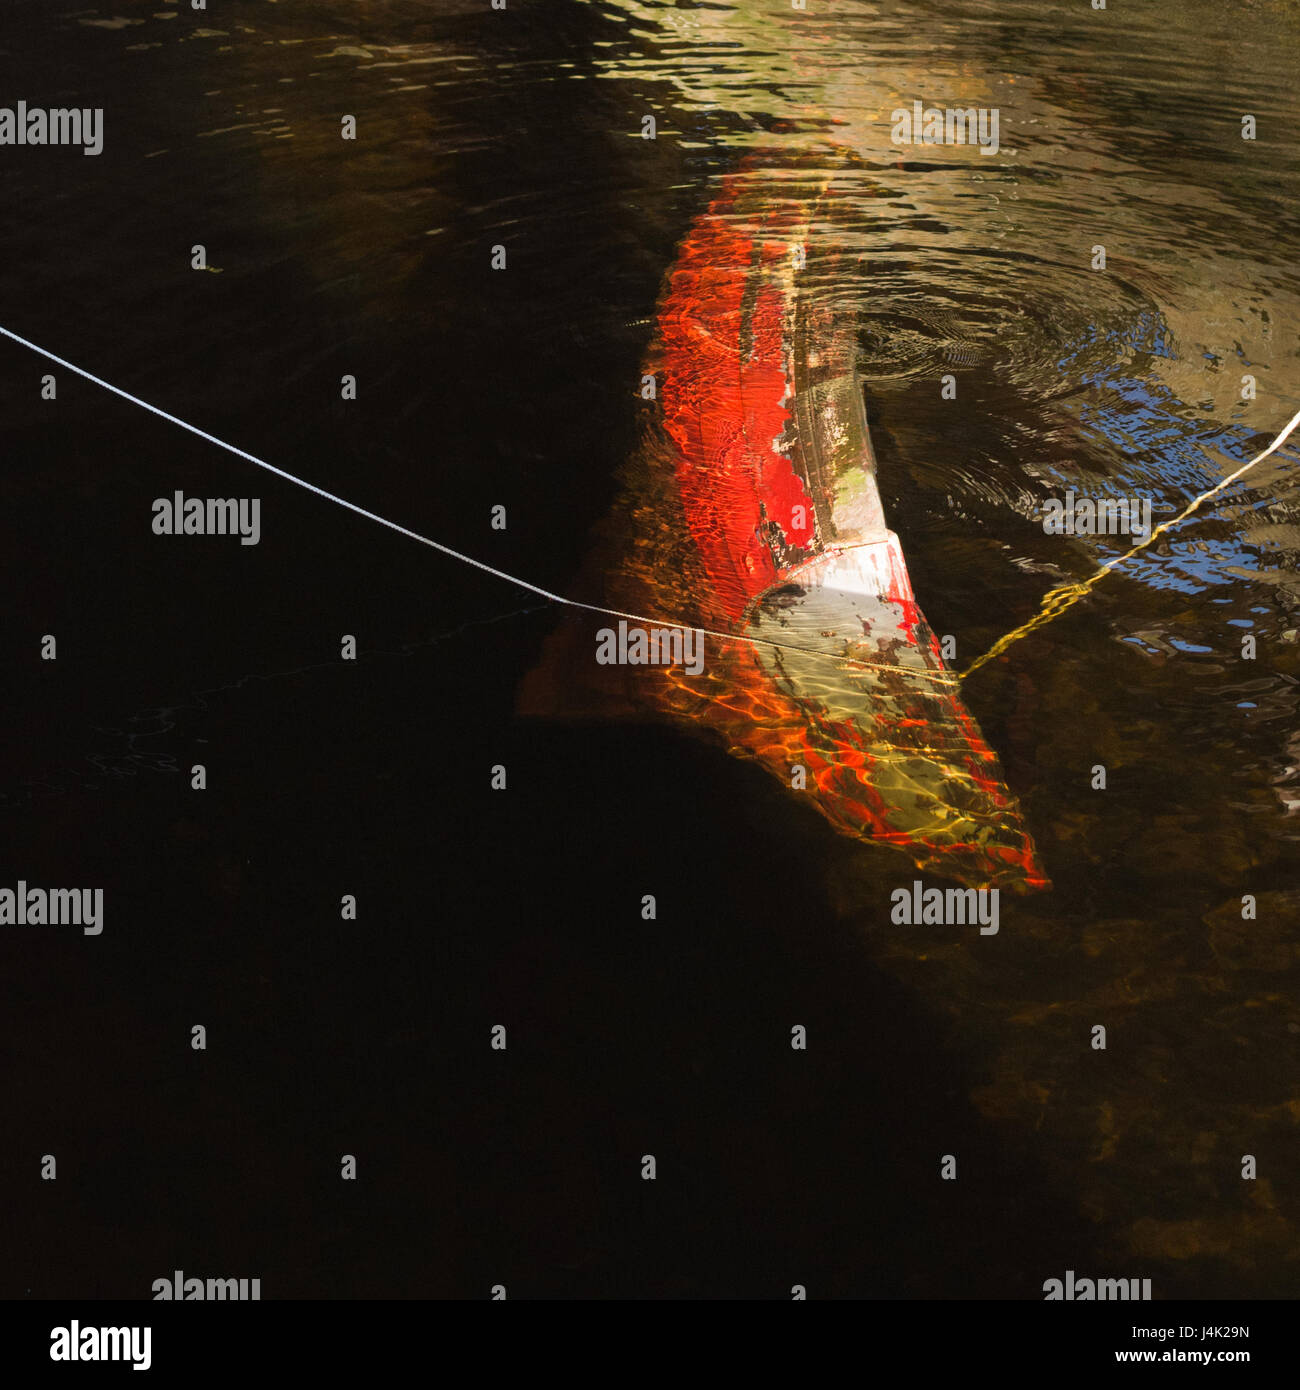 Barco naufragio - viejo bote de remos rojo pequeño naufragio Imagen De Stock